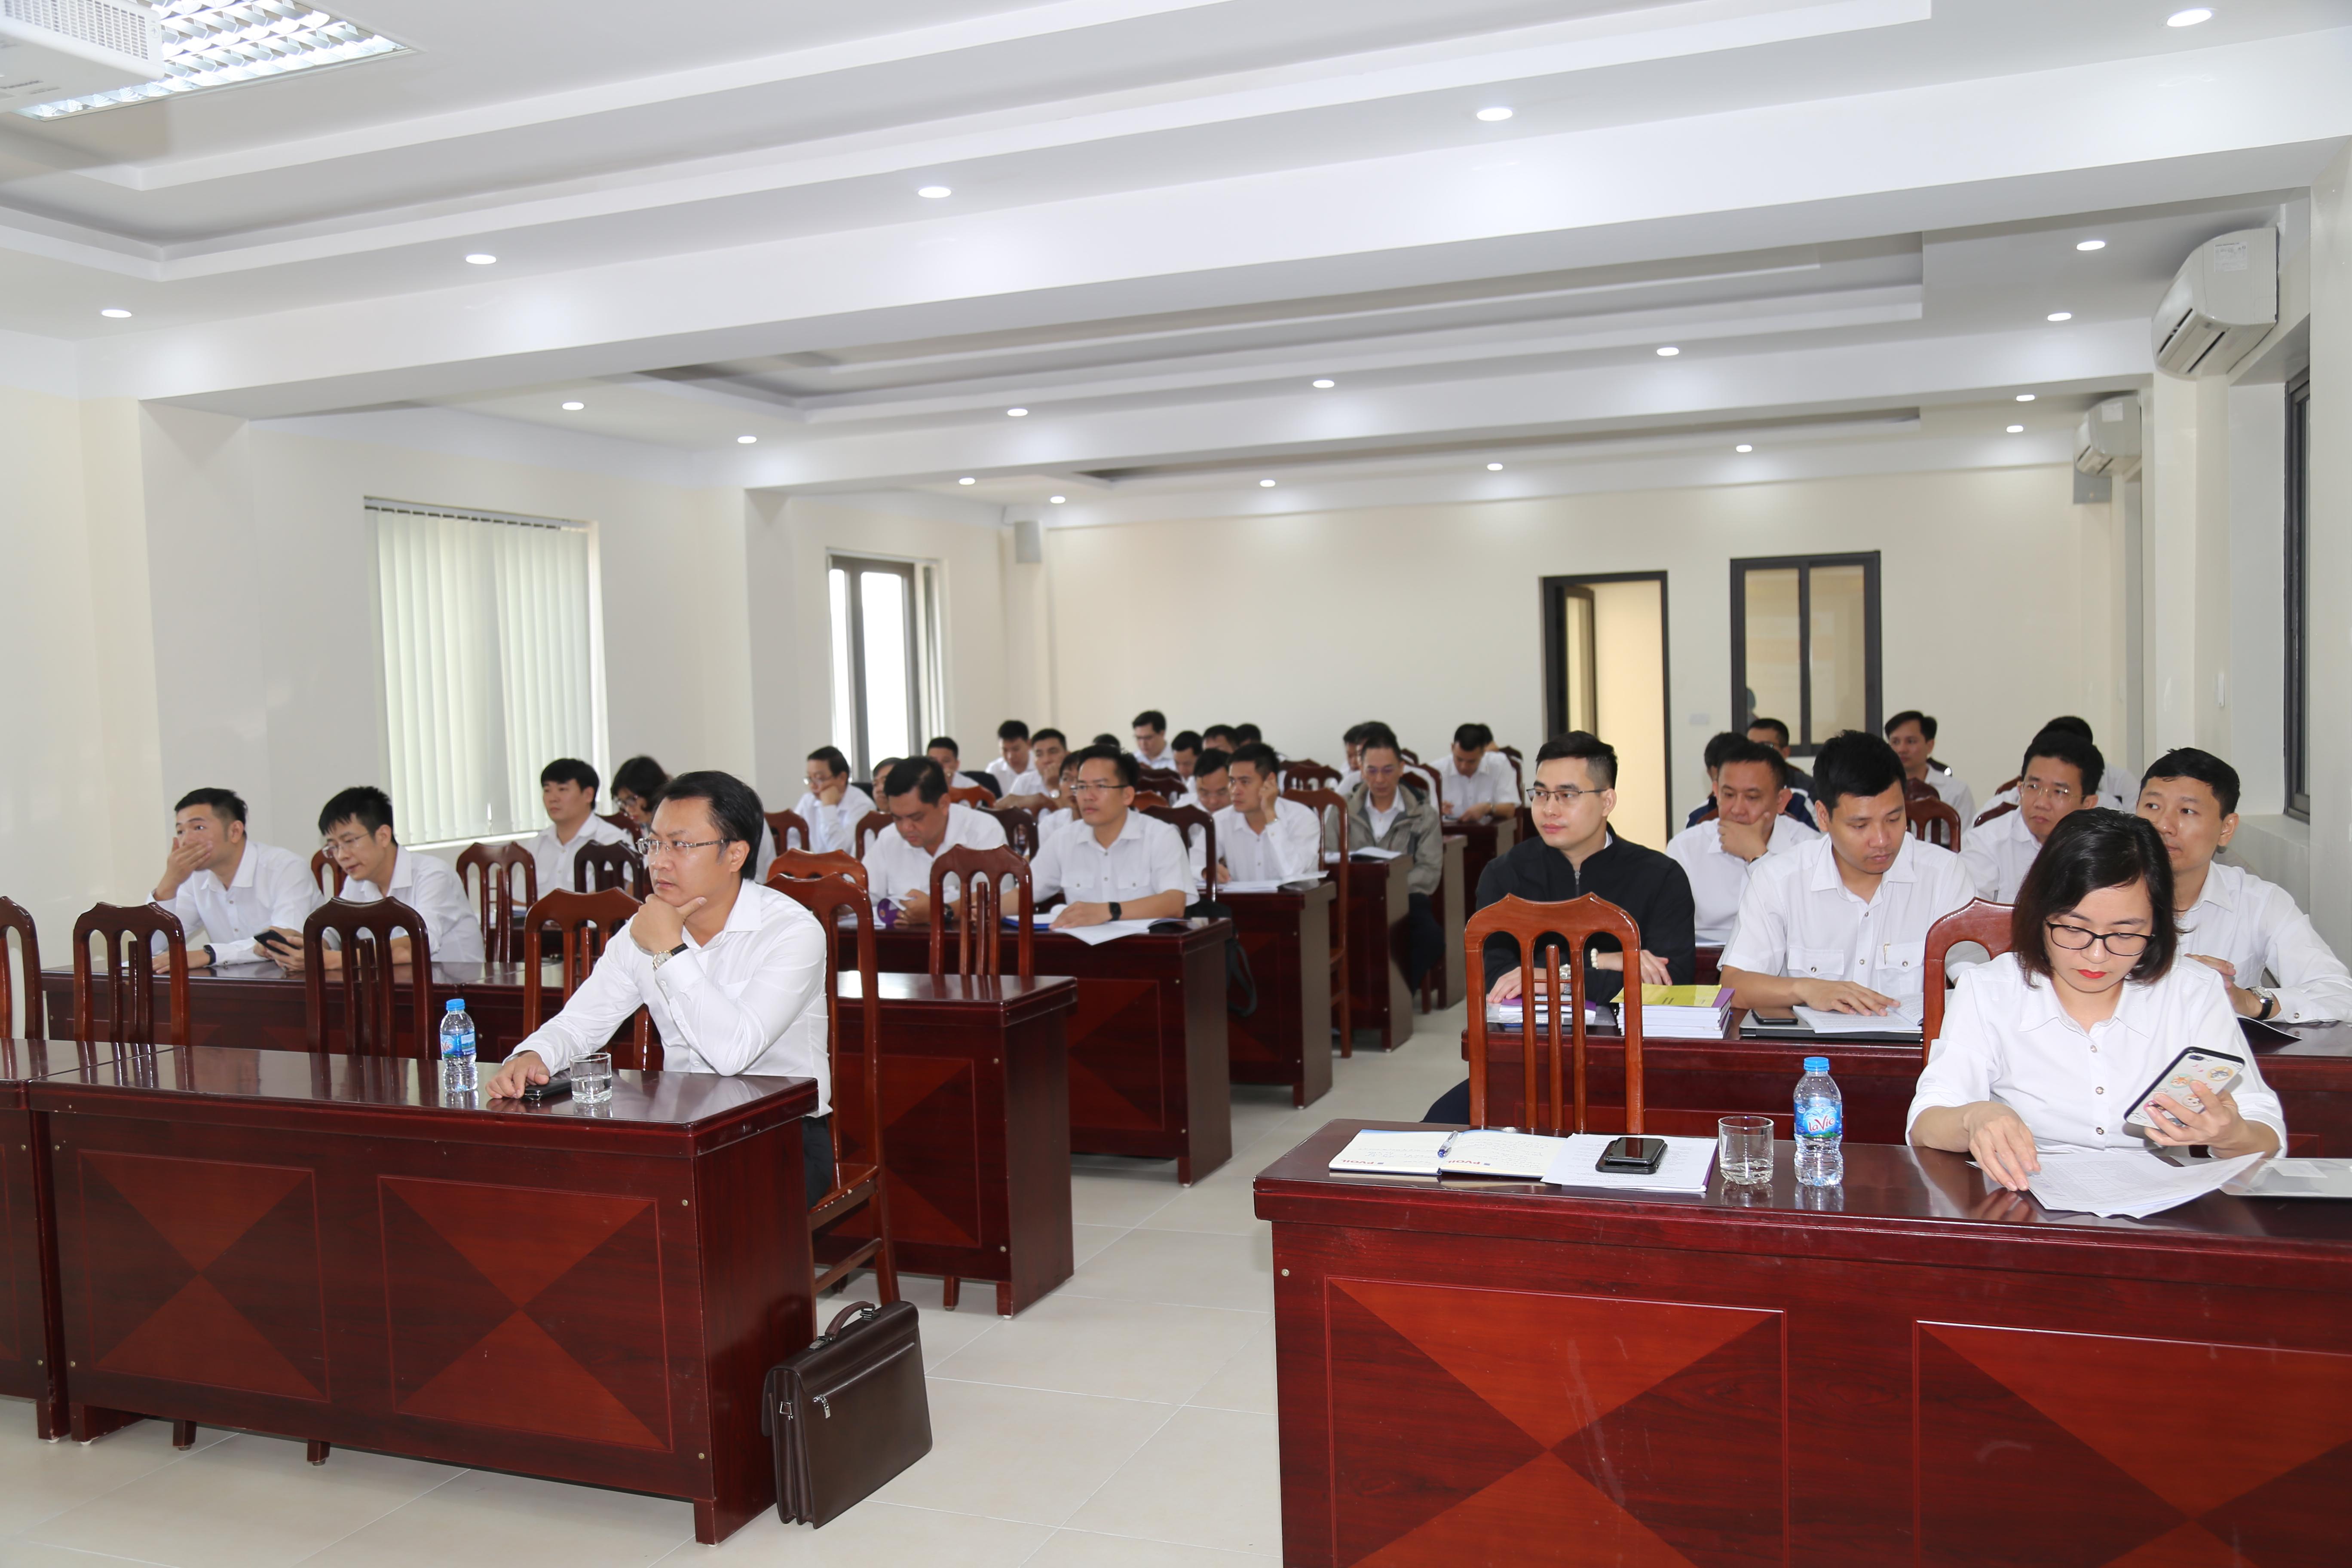 Trường ĐT&BD nghiệp vụ kiểm toán đã tổ chức khai giảng lớp bồi dưỡng kỹ năng kiểm toán dự án ĐTXD công trình cấp độ 3 và Lớp bồi dưỡng kỹ năng kiểm toán ngân sách cấp độ 2